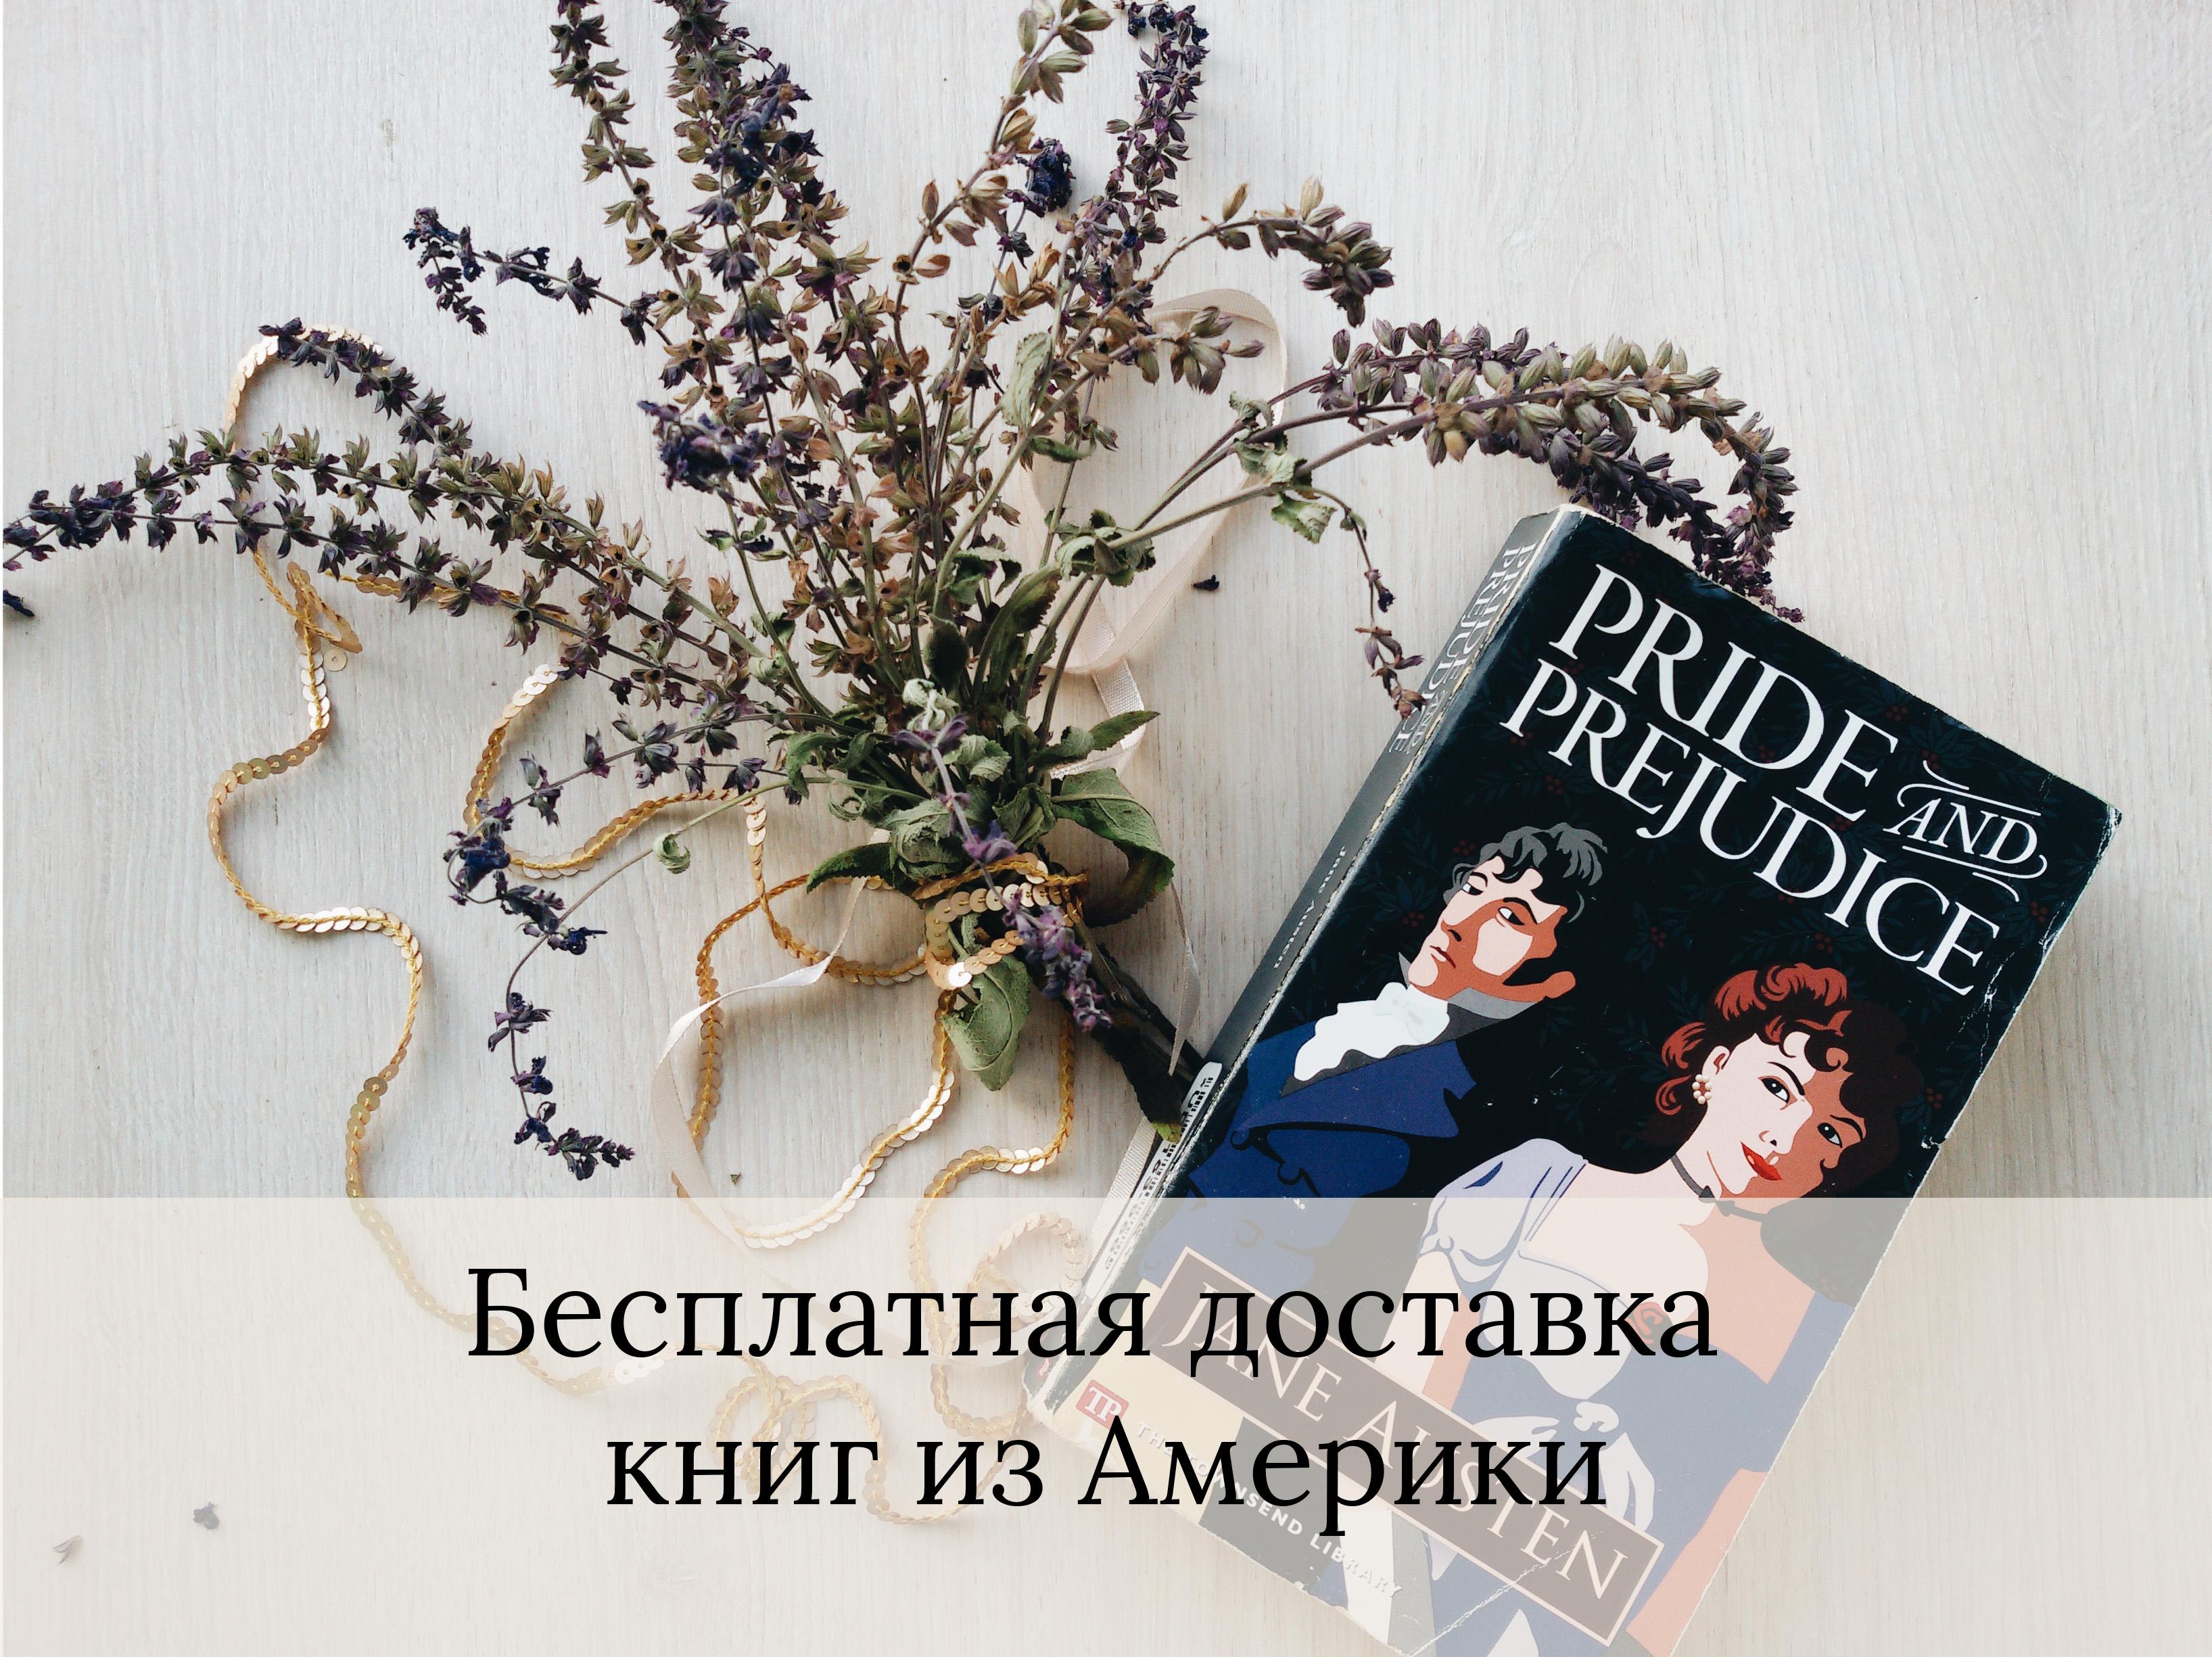 бесплатная доставка книг с Америки